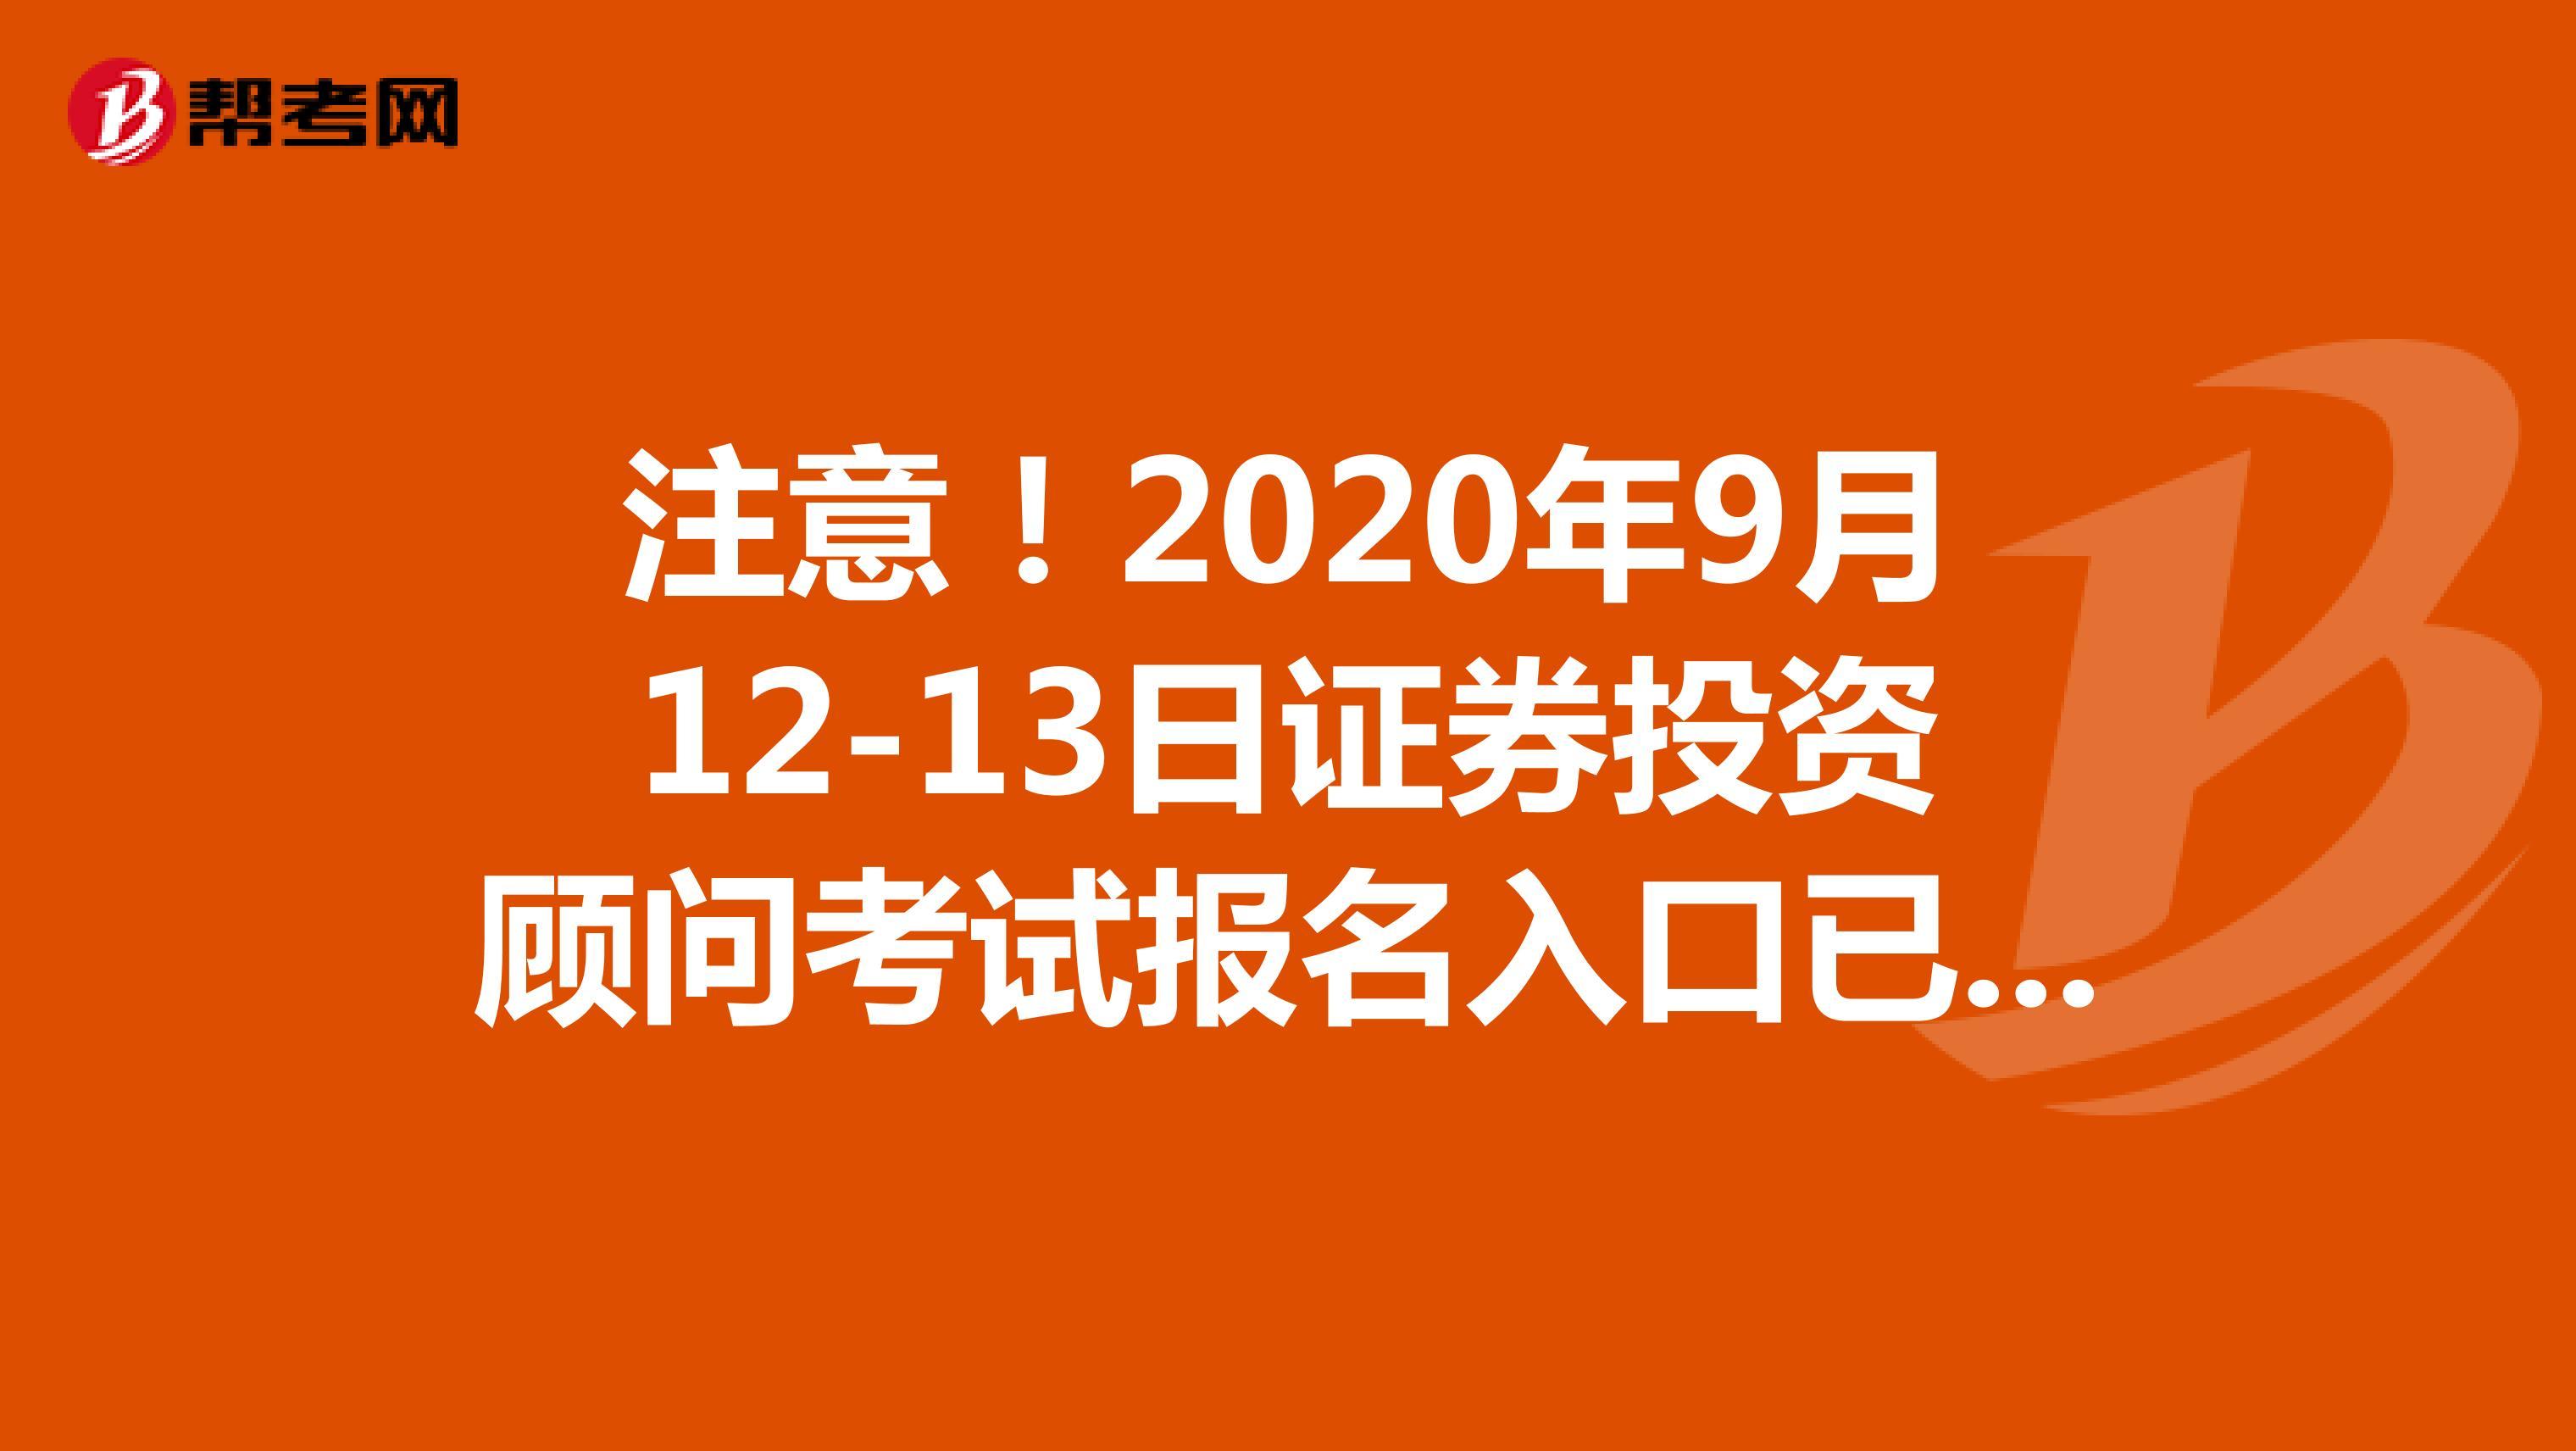 注意!2020年9月12-13日证券投资顾问考试报名入口已开通!